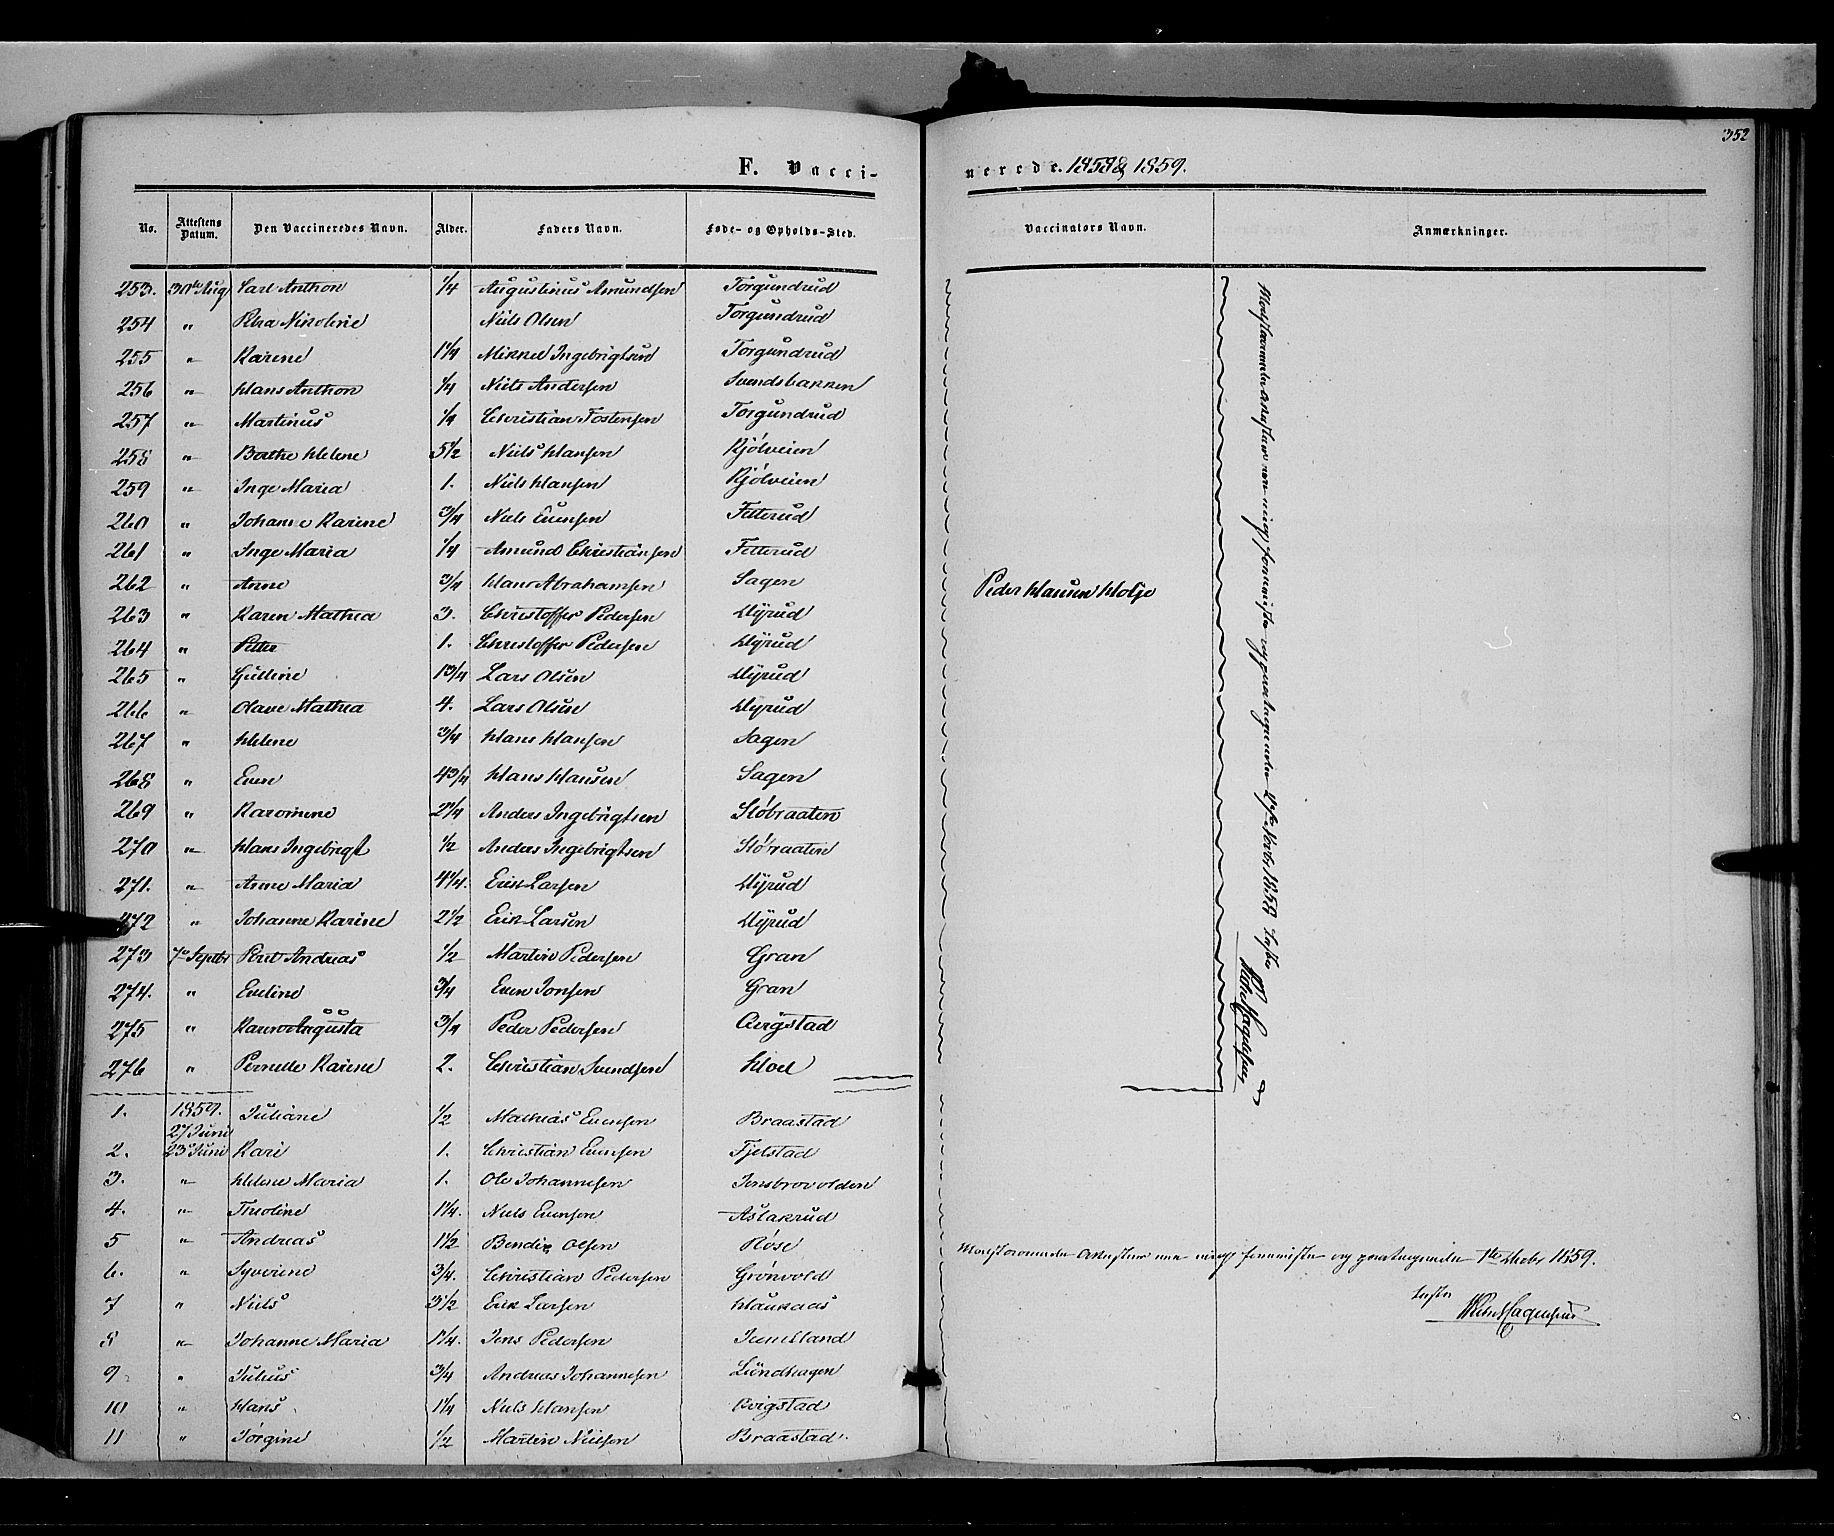 SAH, Vestre Toten prestekontor, Ministerialbok nr. 6, 1856-1861, s. 352